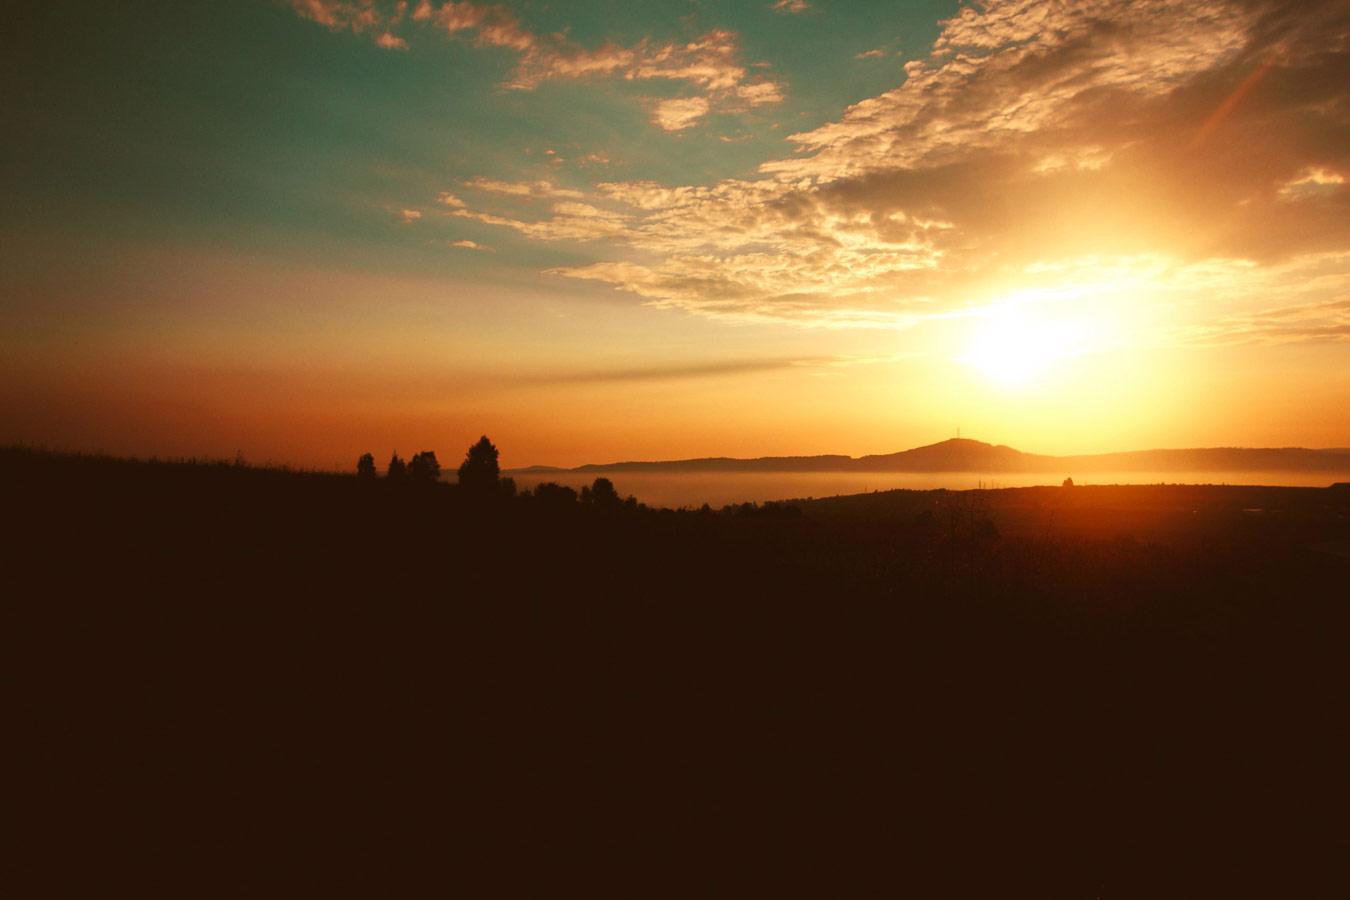 Закат, © Андрей Волков, По пути в Соль-Илецк, Фотоконкурс «О высоком» от National Geographic Россия